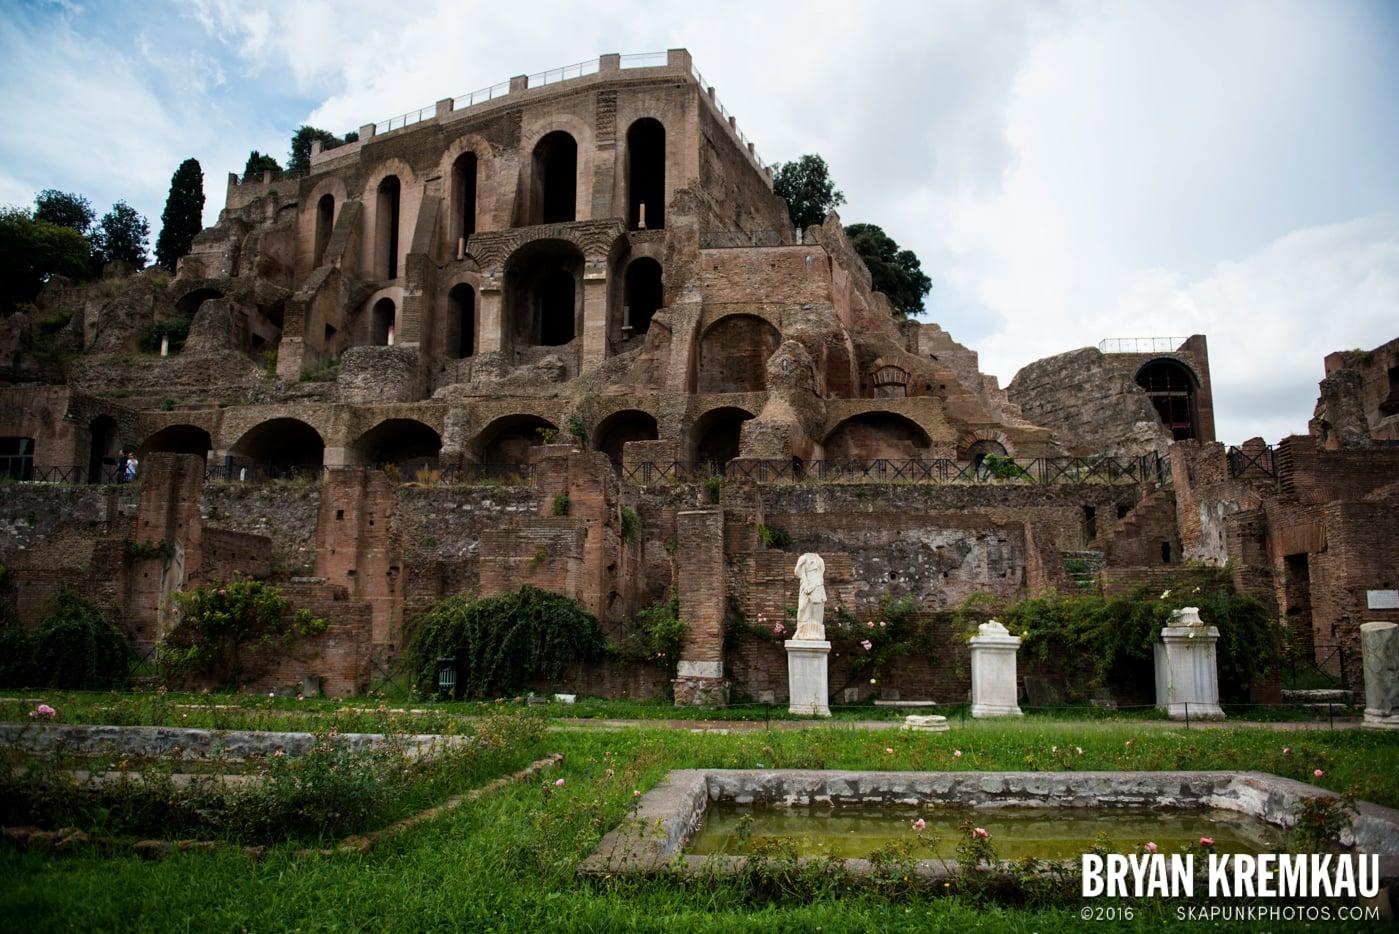 Italy Vacation - Day 2: Rome - 9.10.13 (102)